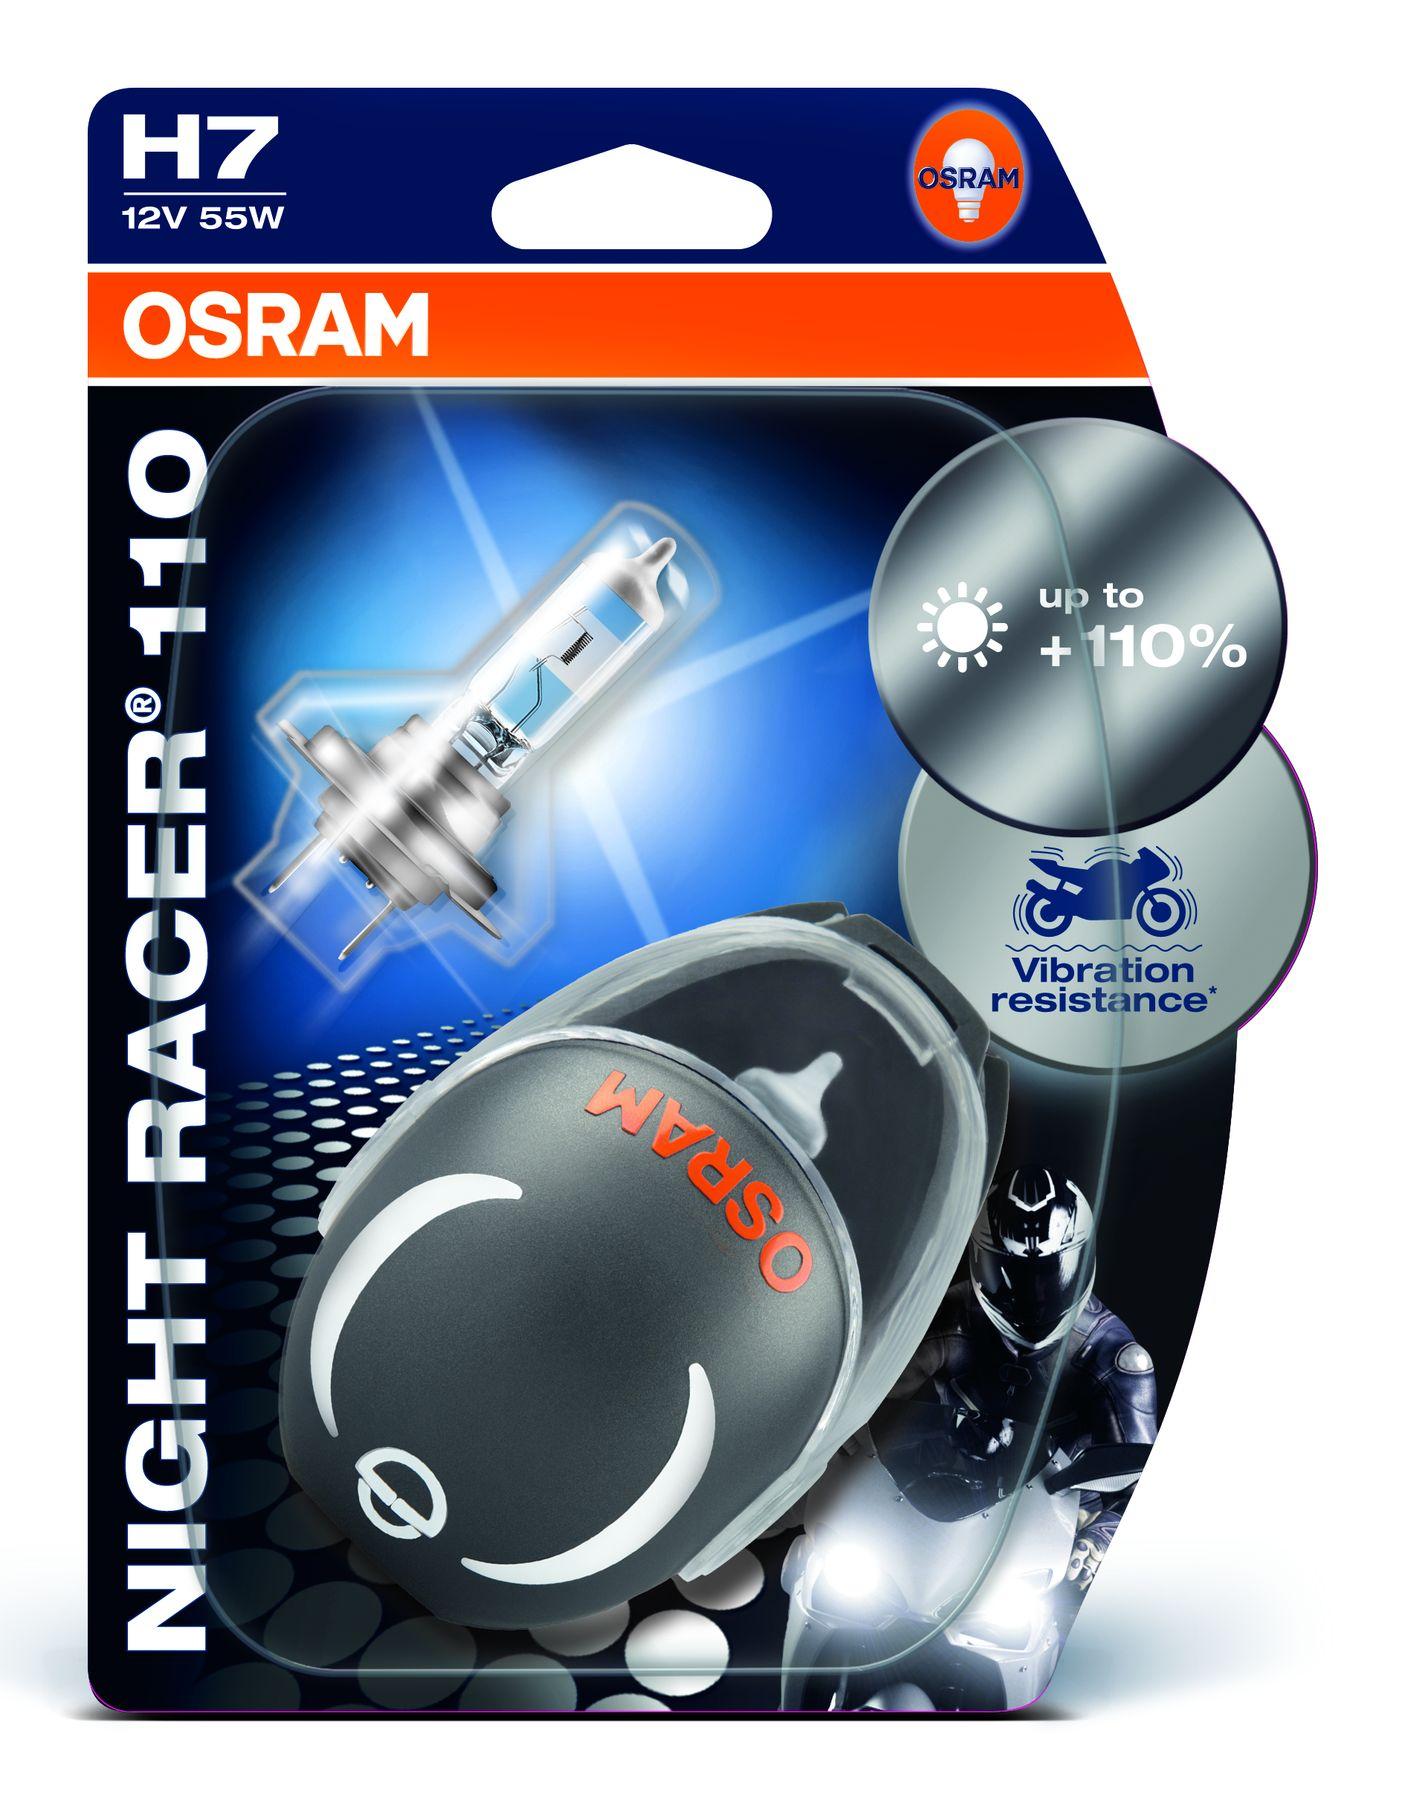 H7 night racer 110 motorrad lampen 12 volt 55 watt px26d for Lampen 34 volt 3 watt